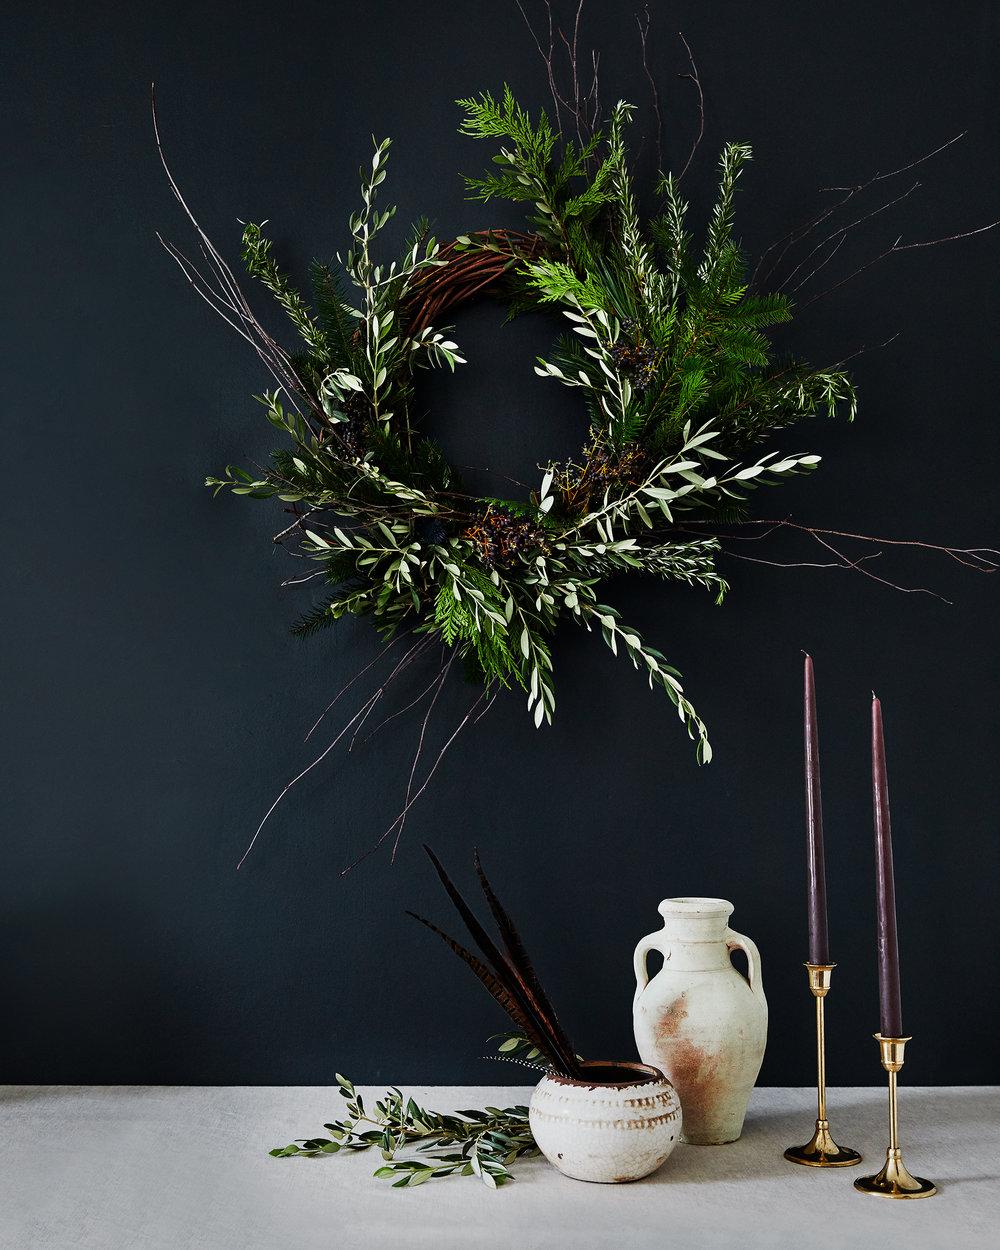 Ferox-Studio-Wreath-0210.jpg